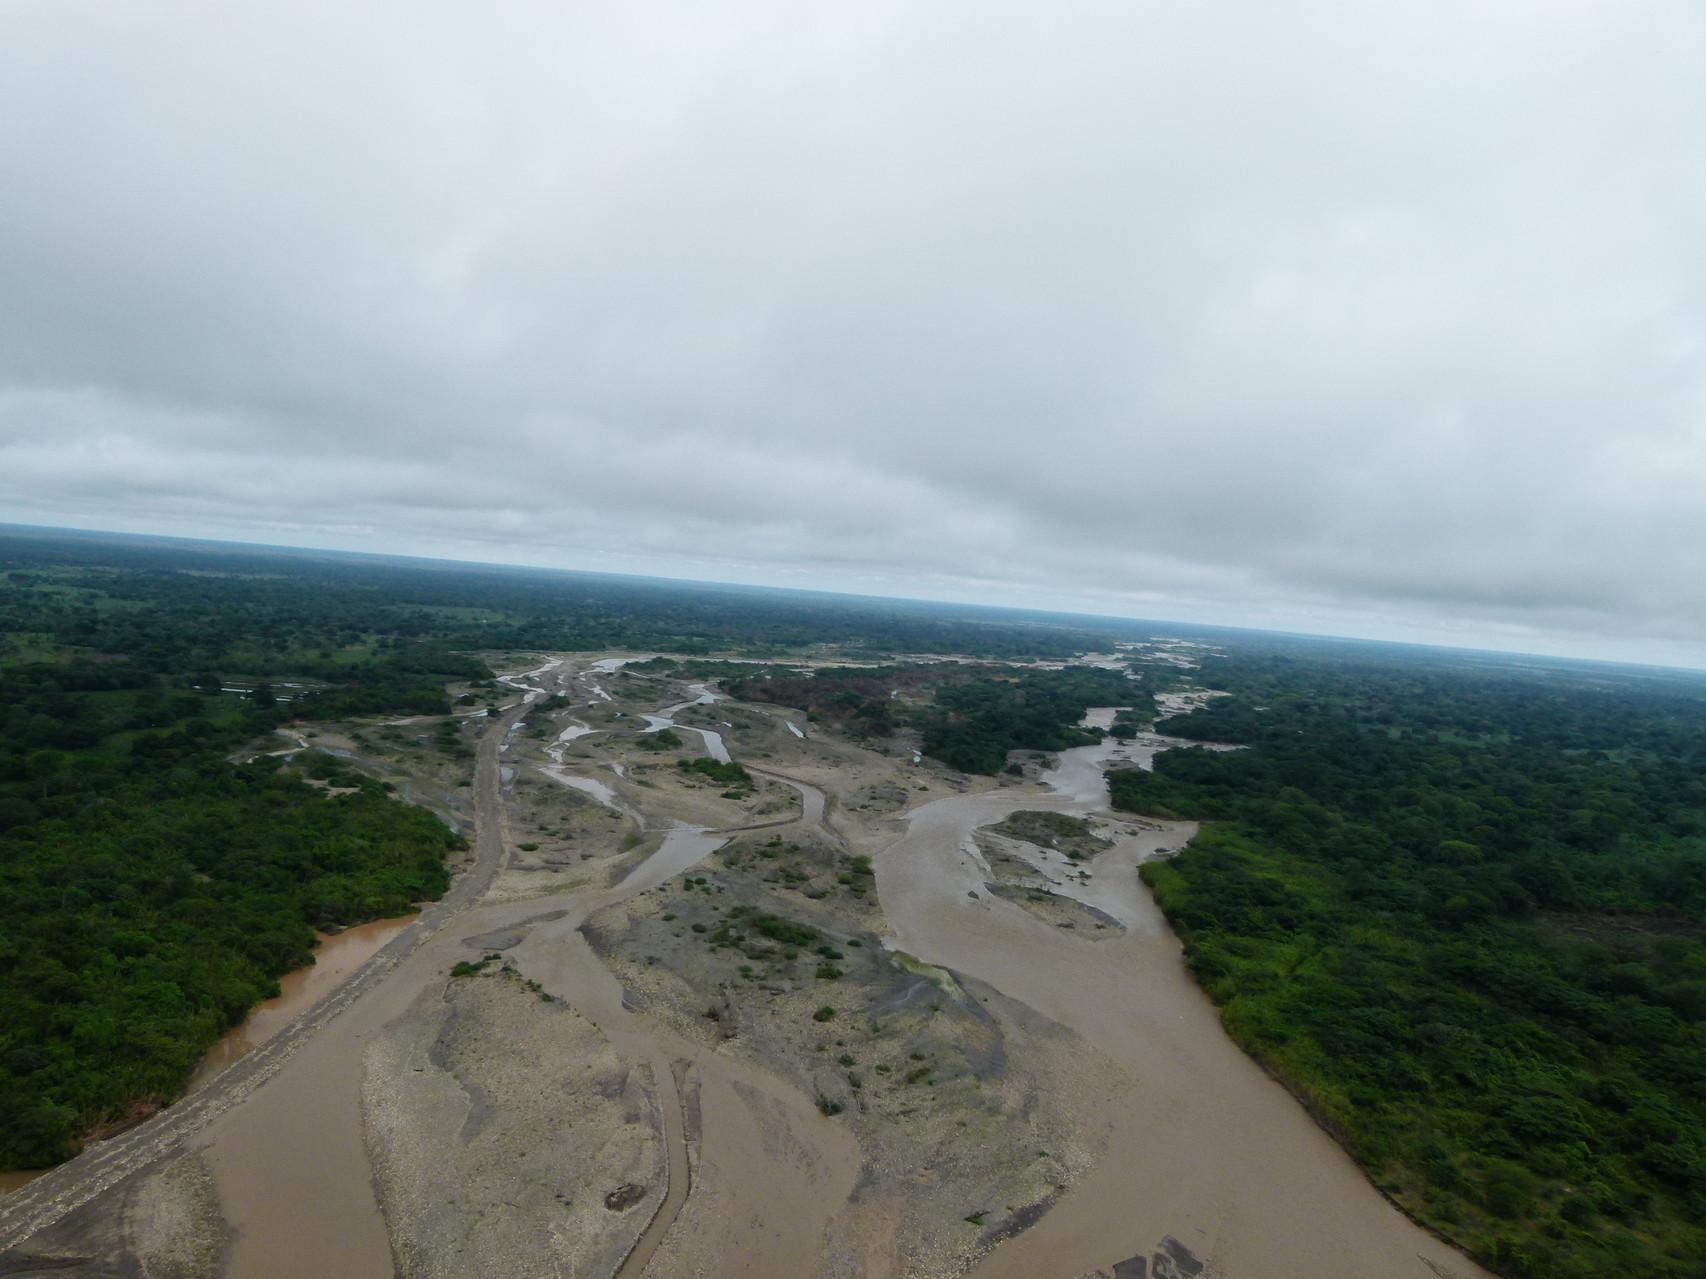 Impacto ambiental y desvió de ríos